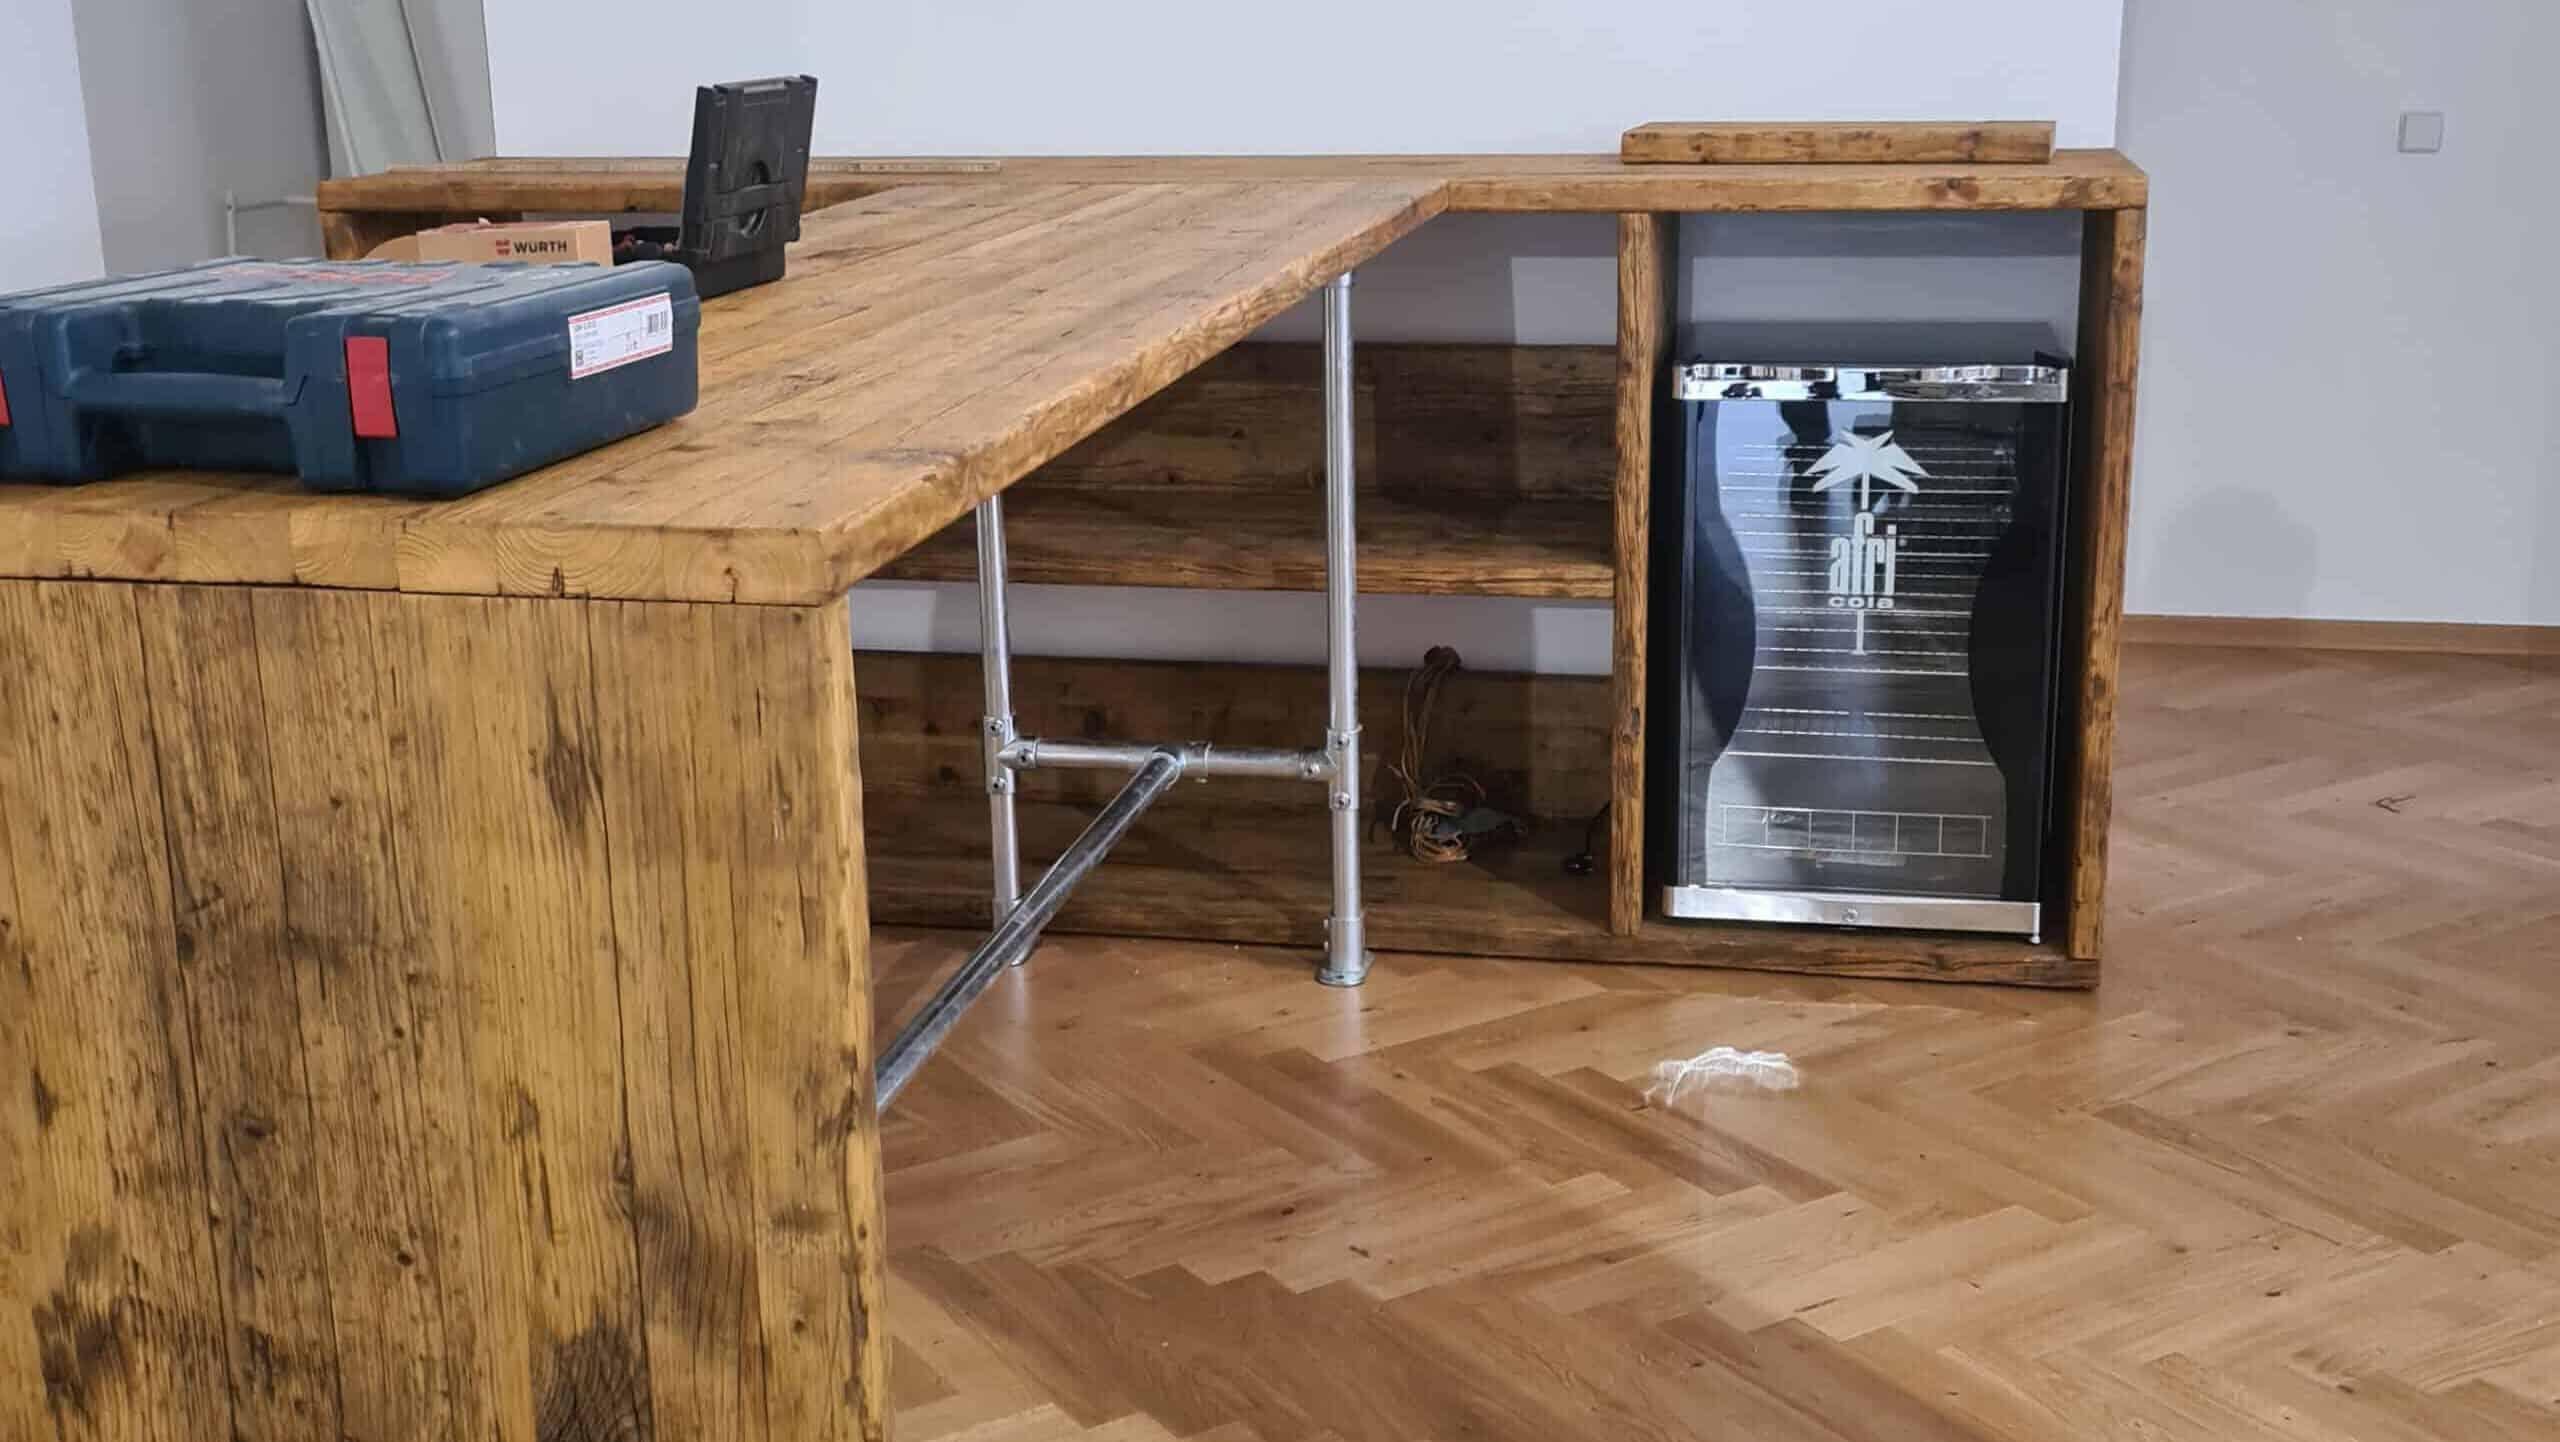 Möbel & Interieur | Gerüstbohlen-Möbel